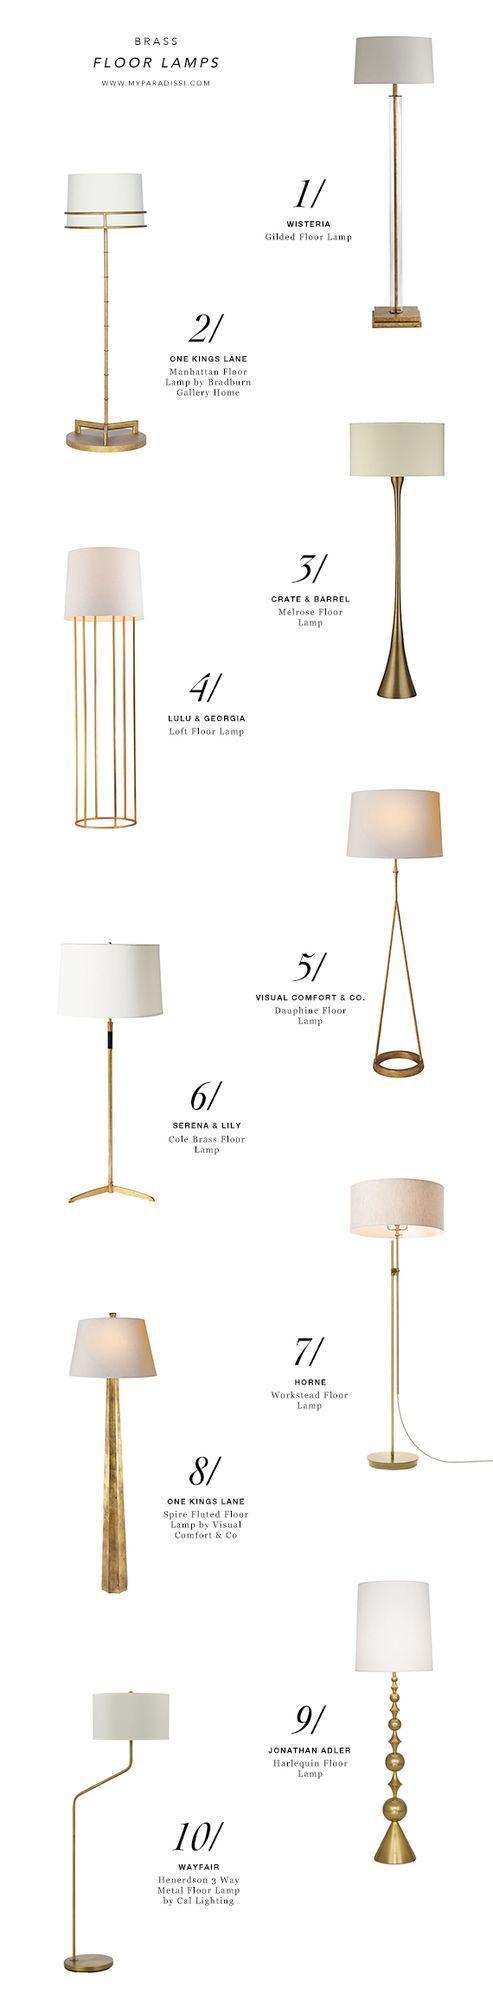 10 BEST: Brass floor lamps